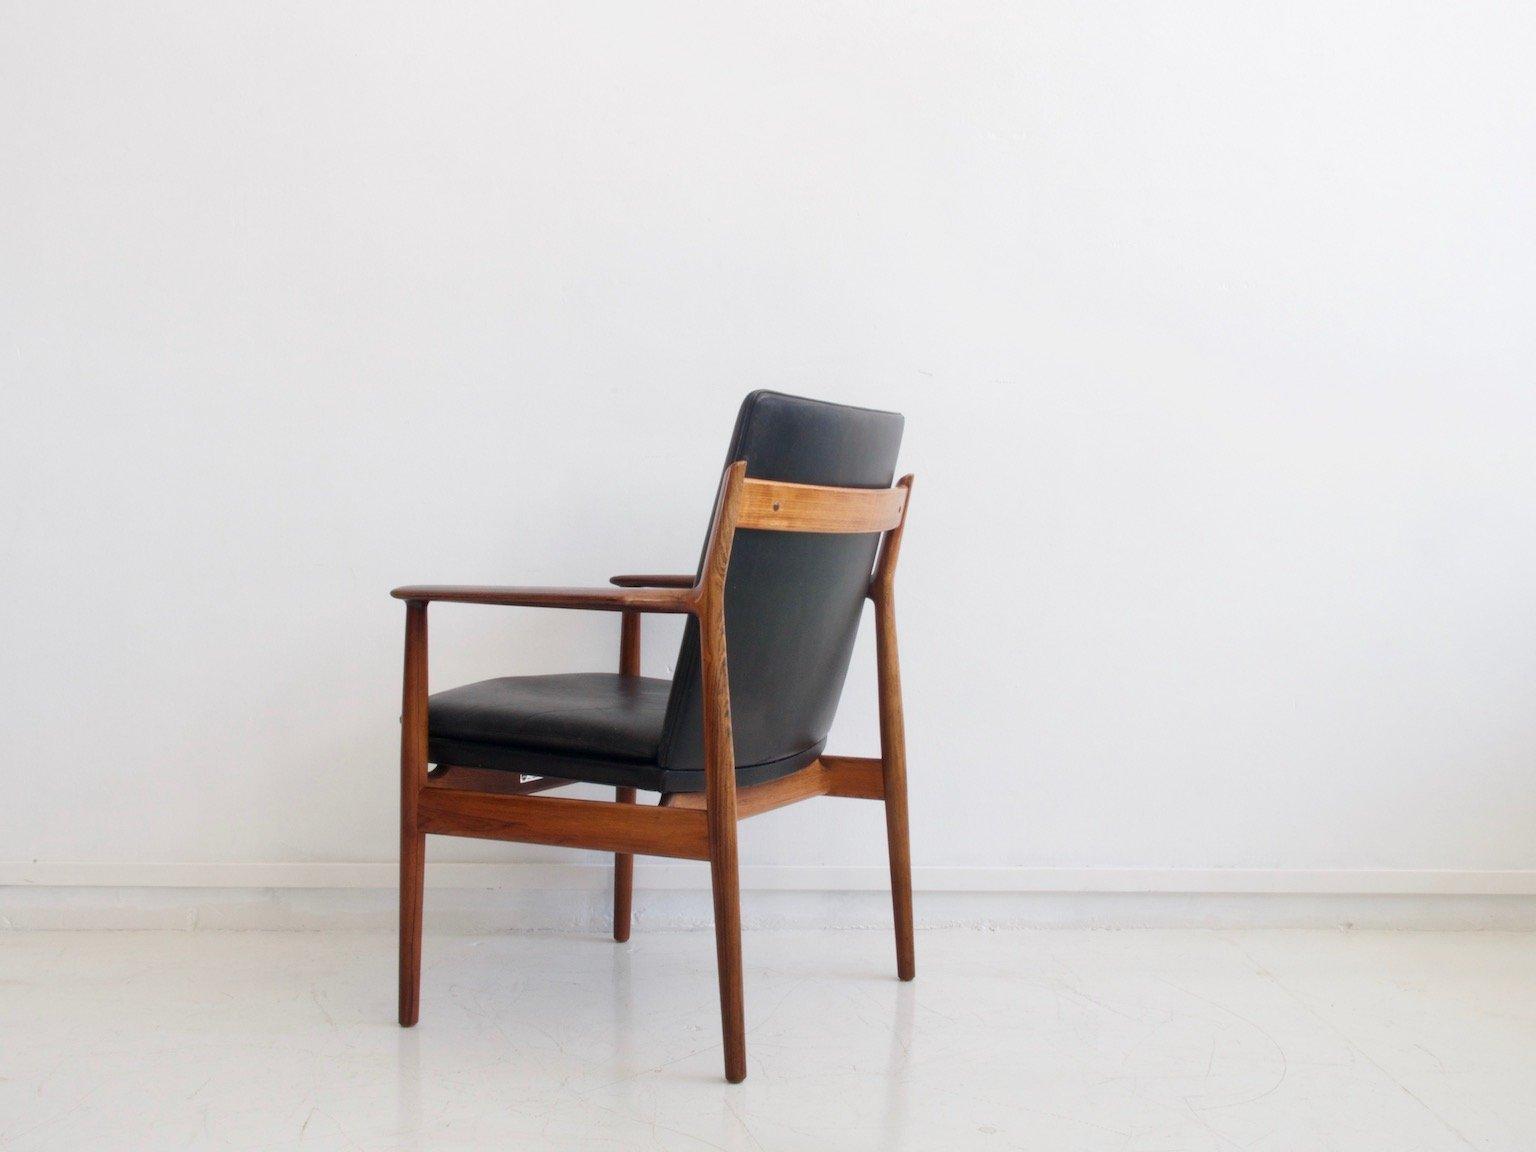 mid century modell 431 armlehnstuhl aus palisander schwarzem leder von arne vodder f r sibast. Black Bedroom Furniture Sets. Home Design Ideas